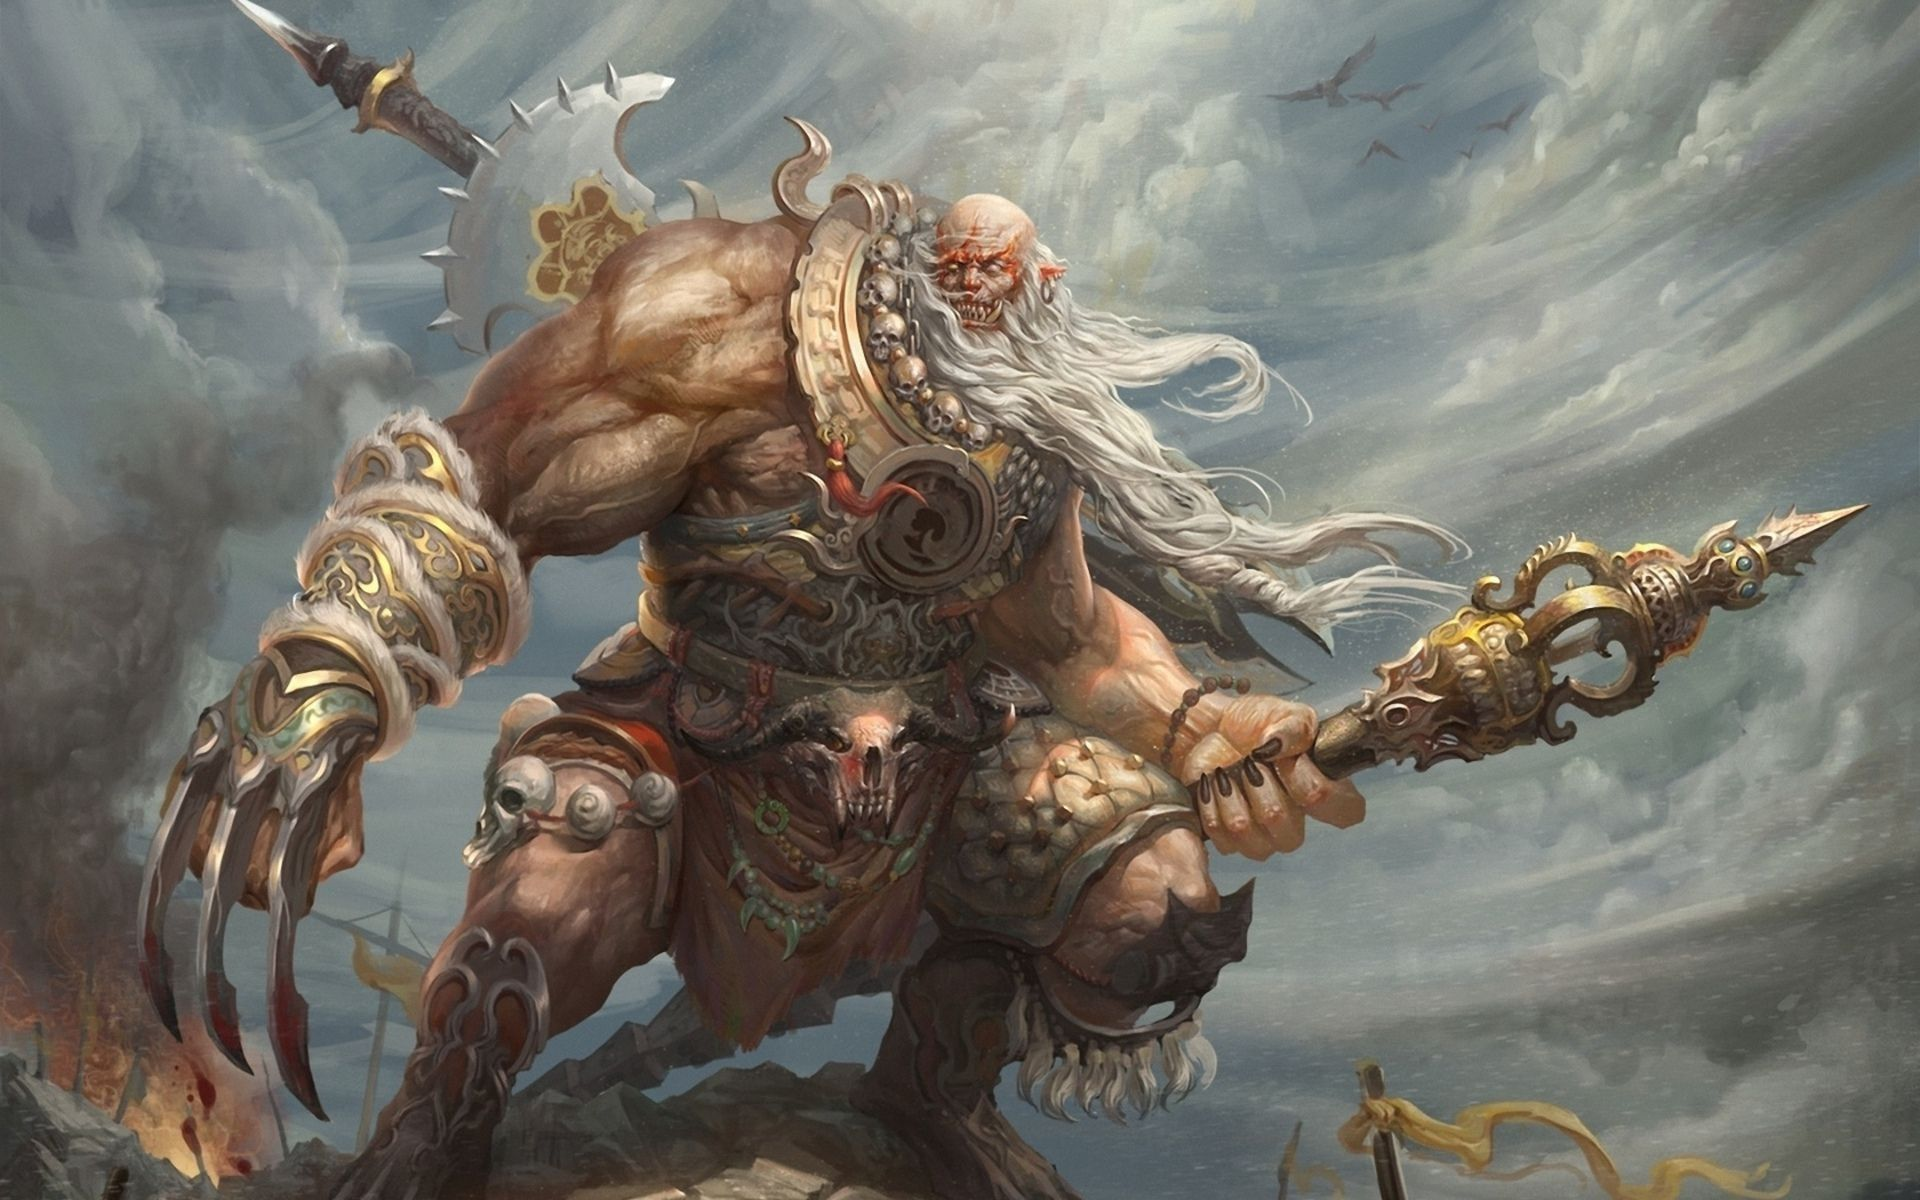 Giant Warrior Free Desktop Wallpaper Giant Warrior Warriors Pictures Giants Fantasy giants wallpapers fantasy